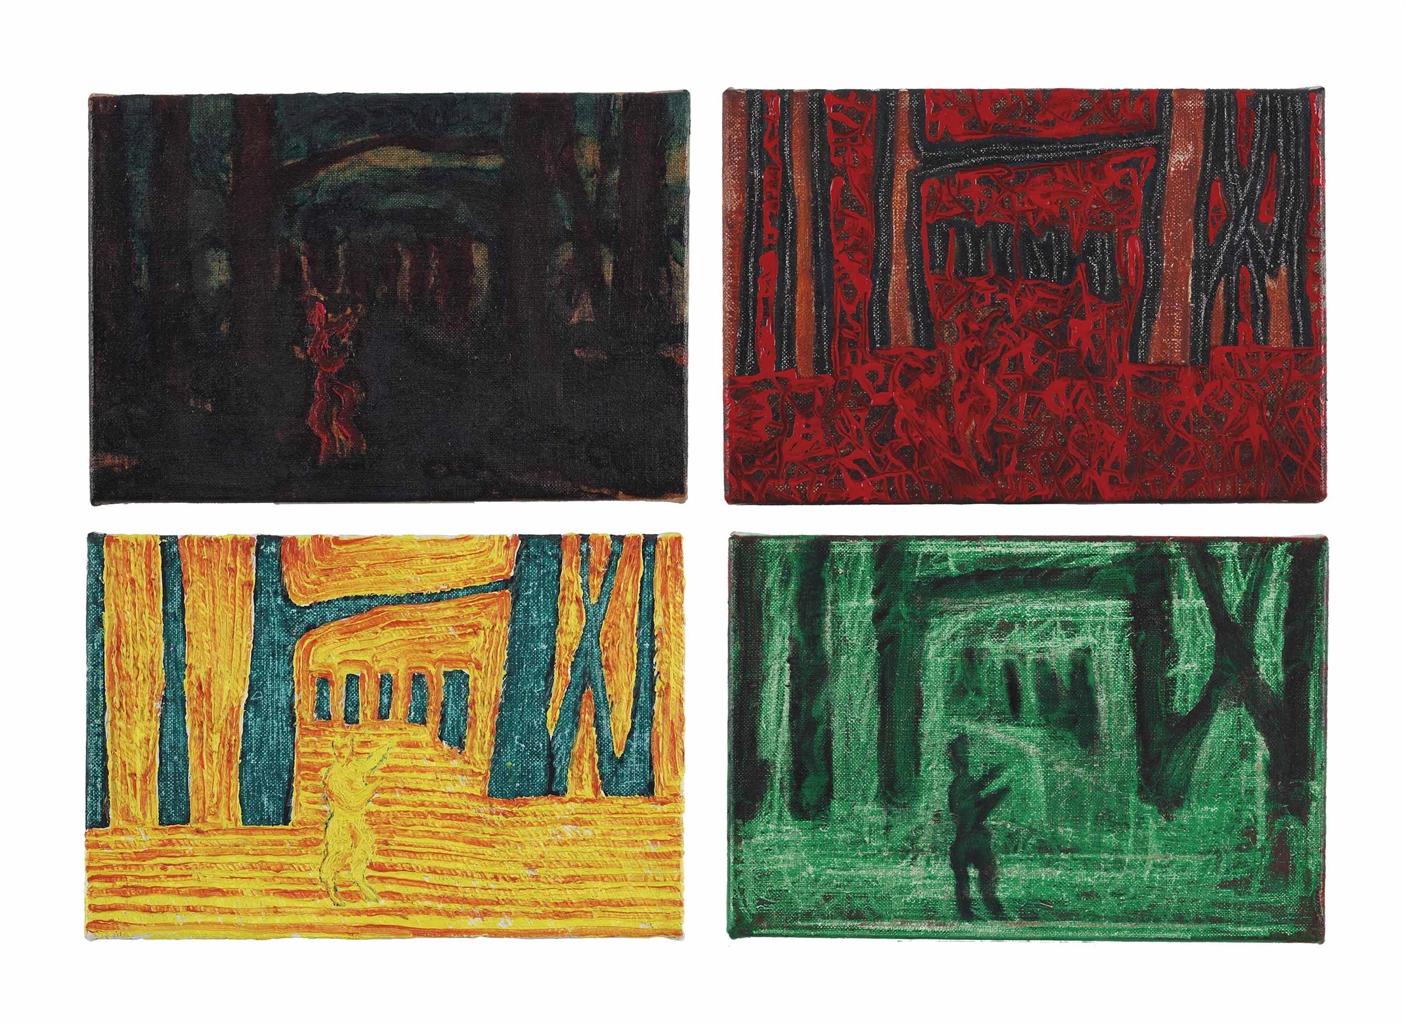 Axel Kassebohmer-(i) Landschaft mit Faun, Braun (Landscape with Faun, Brown); (ii) Landschaft mit Faun, Rot-Braun (Landscape with Faun, Red-Brown); (iii) Landschaft mit Faun, Grün, Gelb, Orange (Landscape with Faun, Green, Yellow, Orange); (iv) Landschaft mit Faun, Grün (Landscape with Faun, Green)-1989